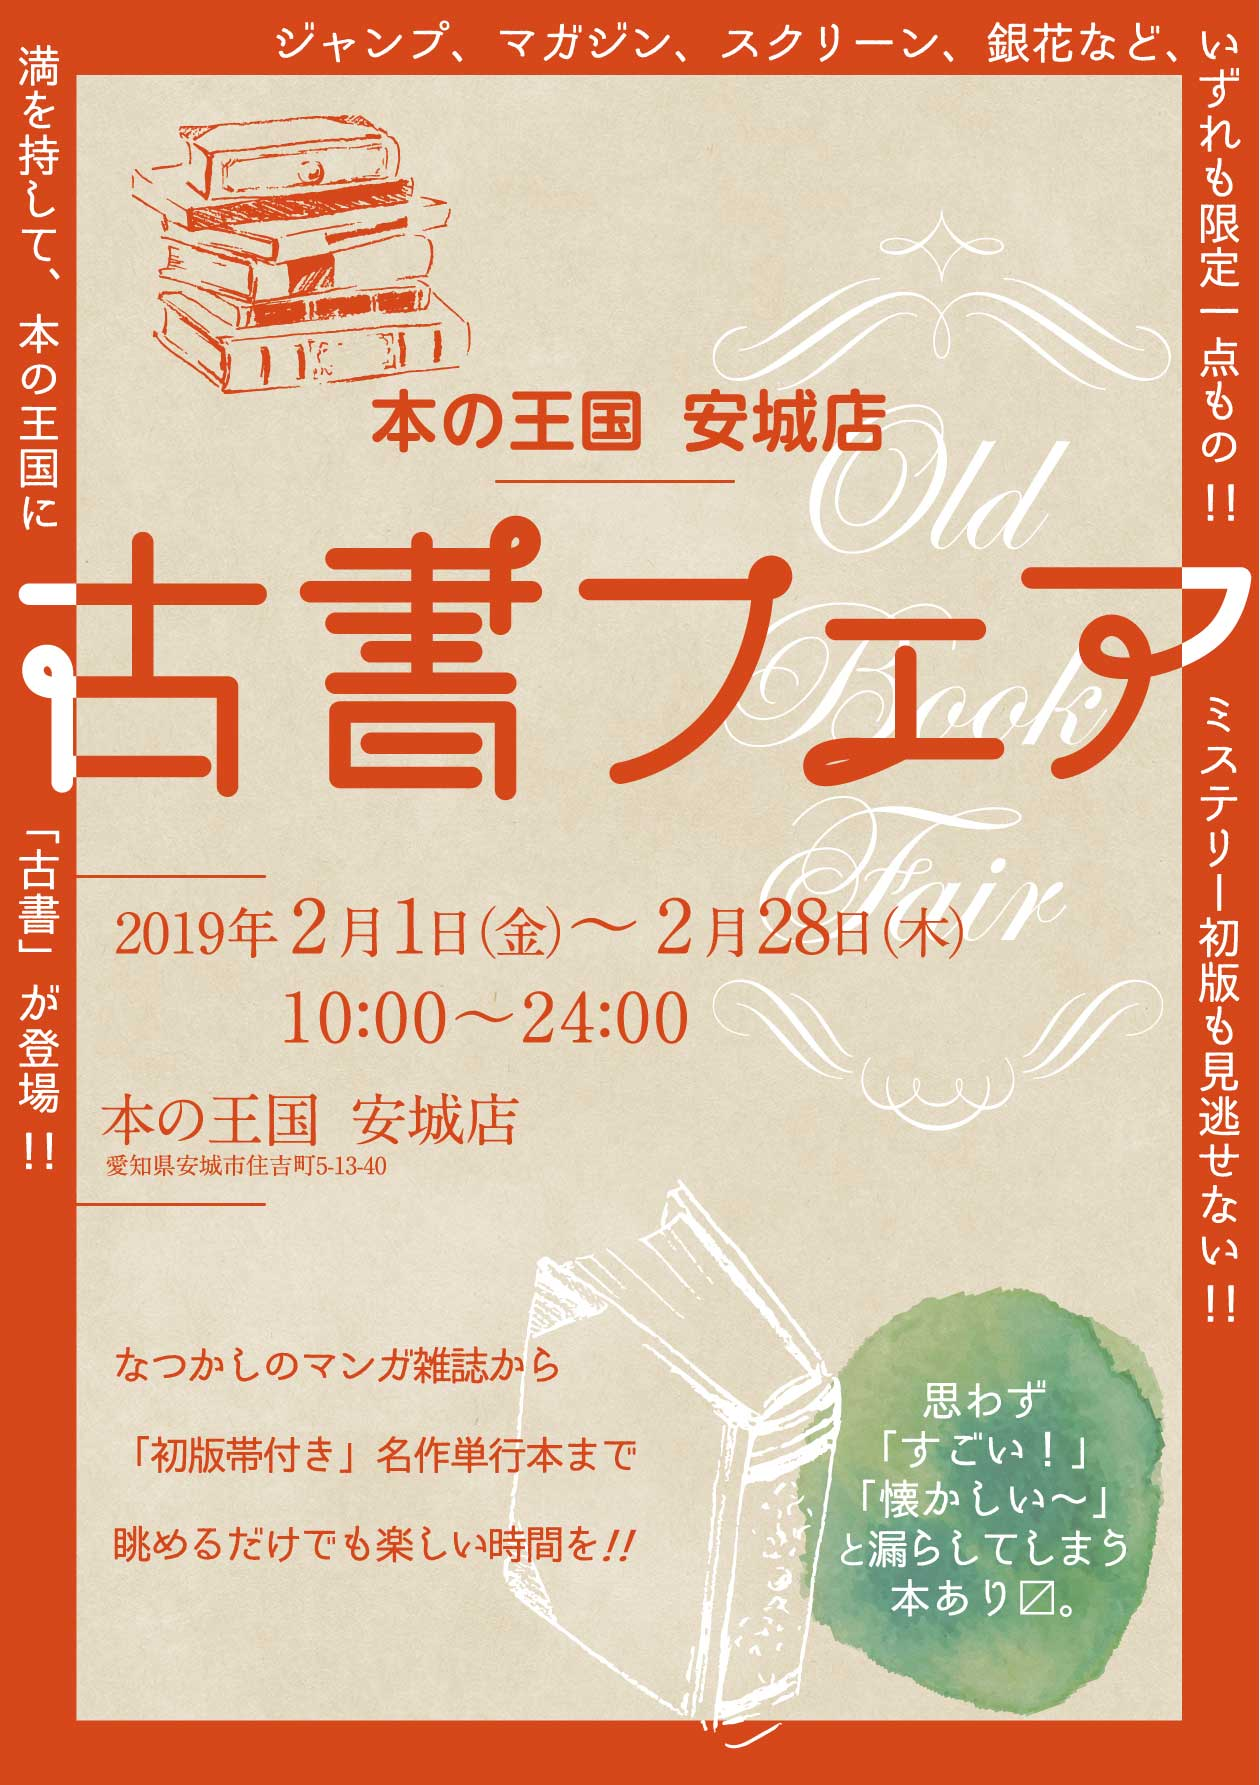 愛知県安城市にて「古書フェア」開催決定!!